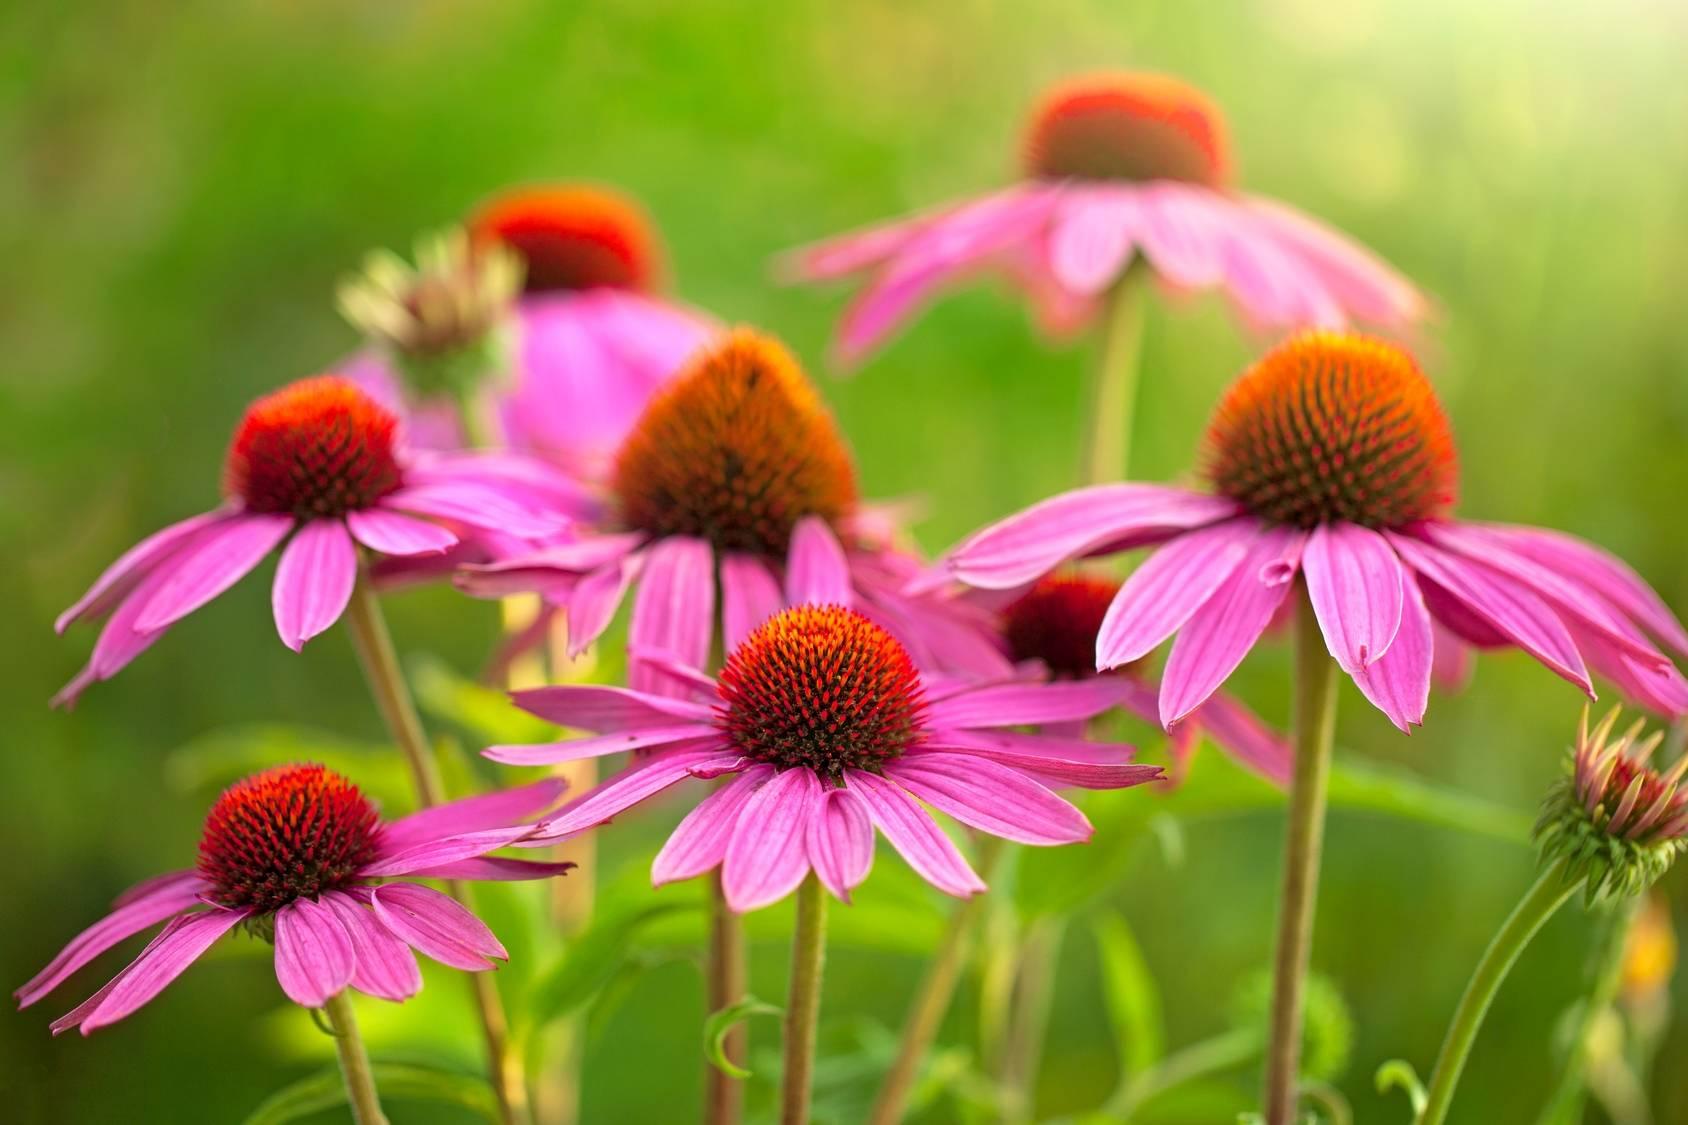 Mieszanki ziołowe na przeziębienie - jeżówka purpurowa na łące.